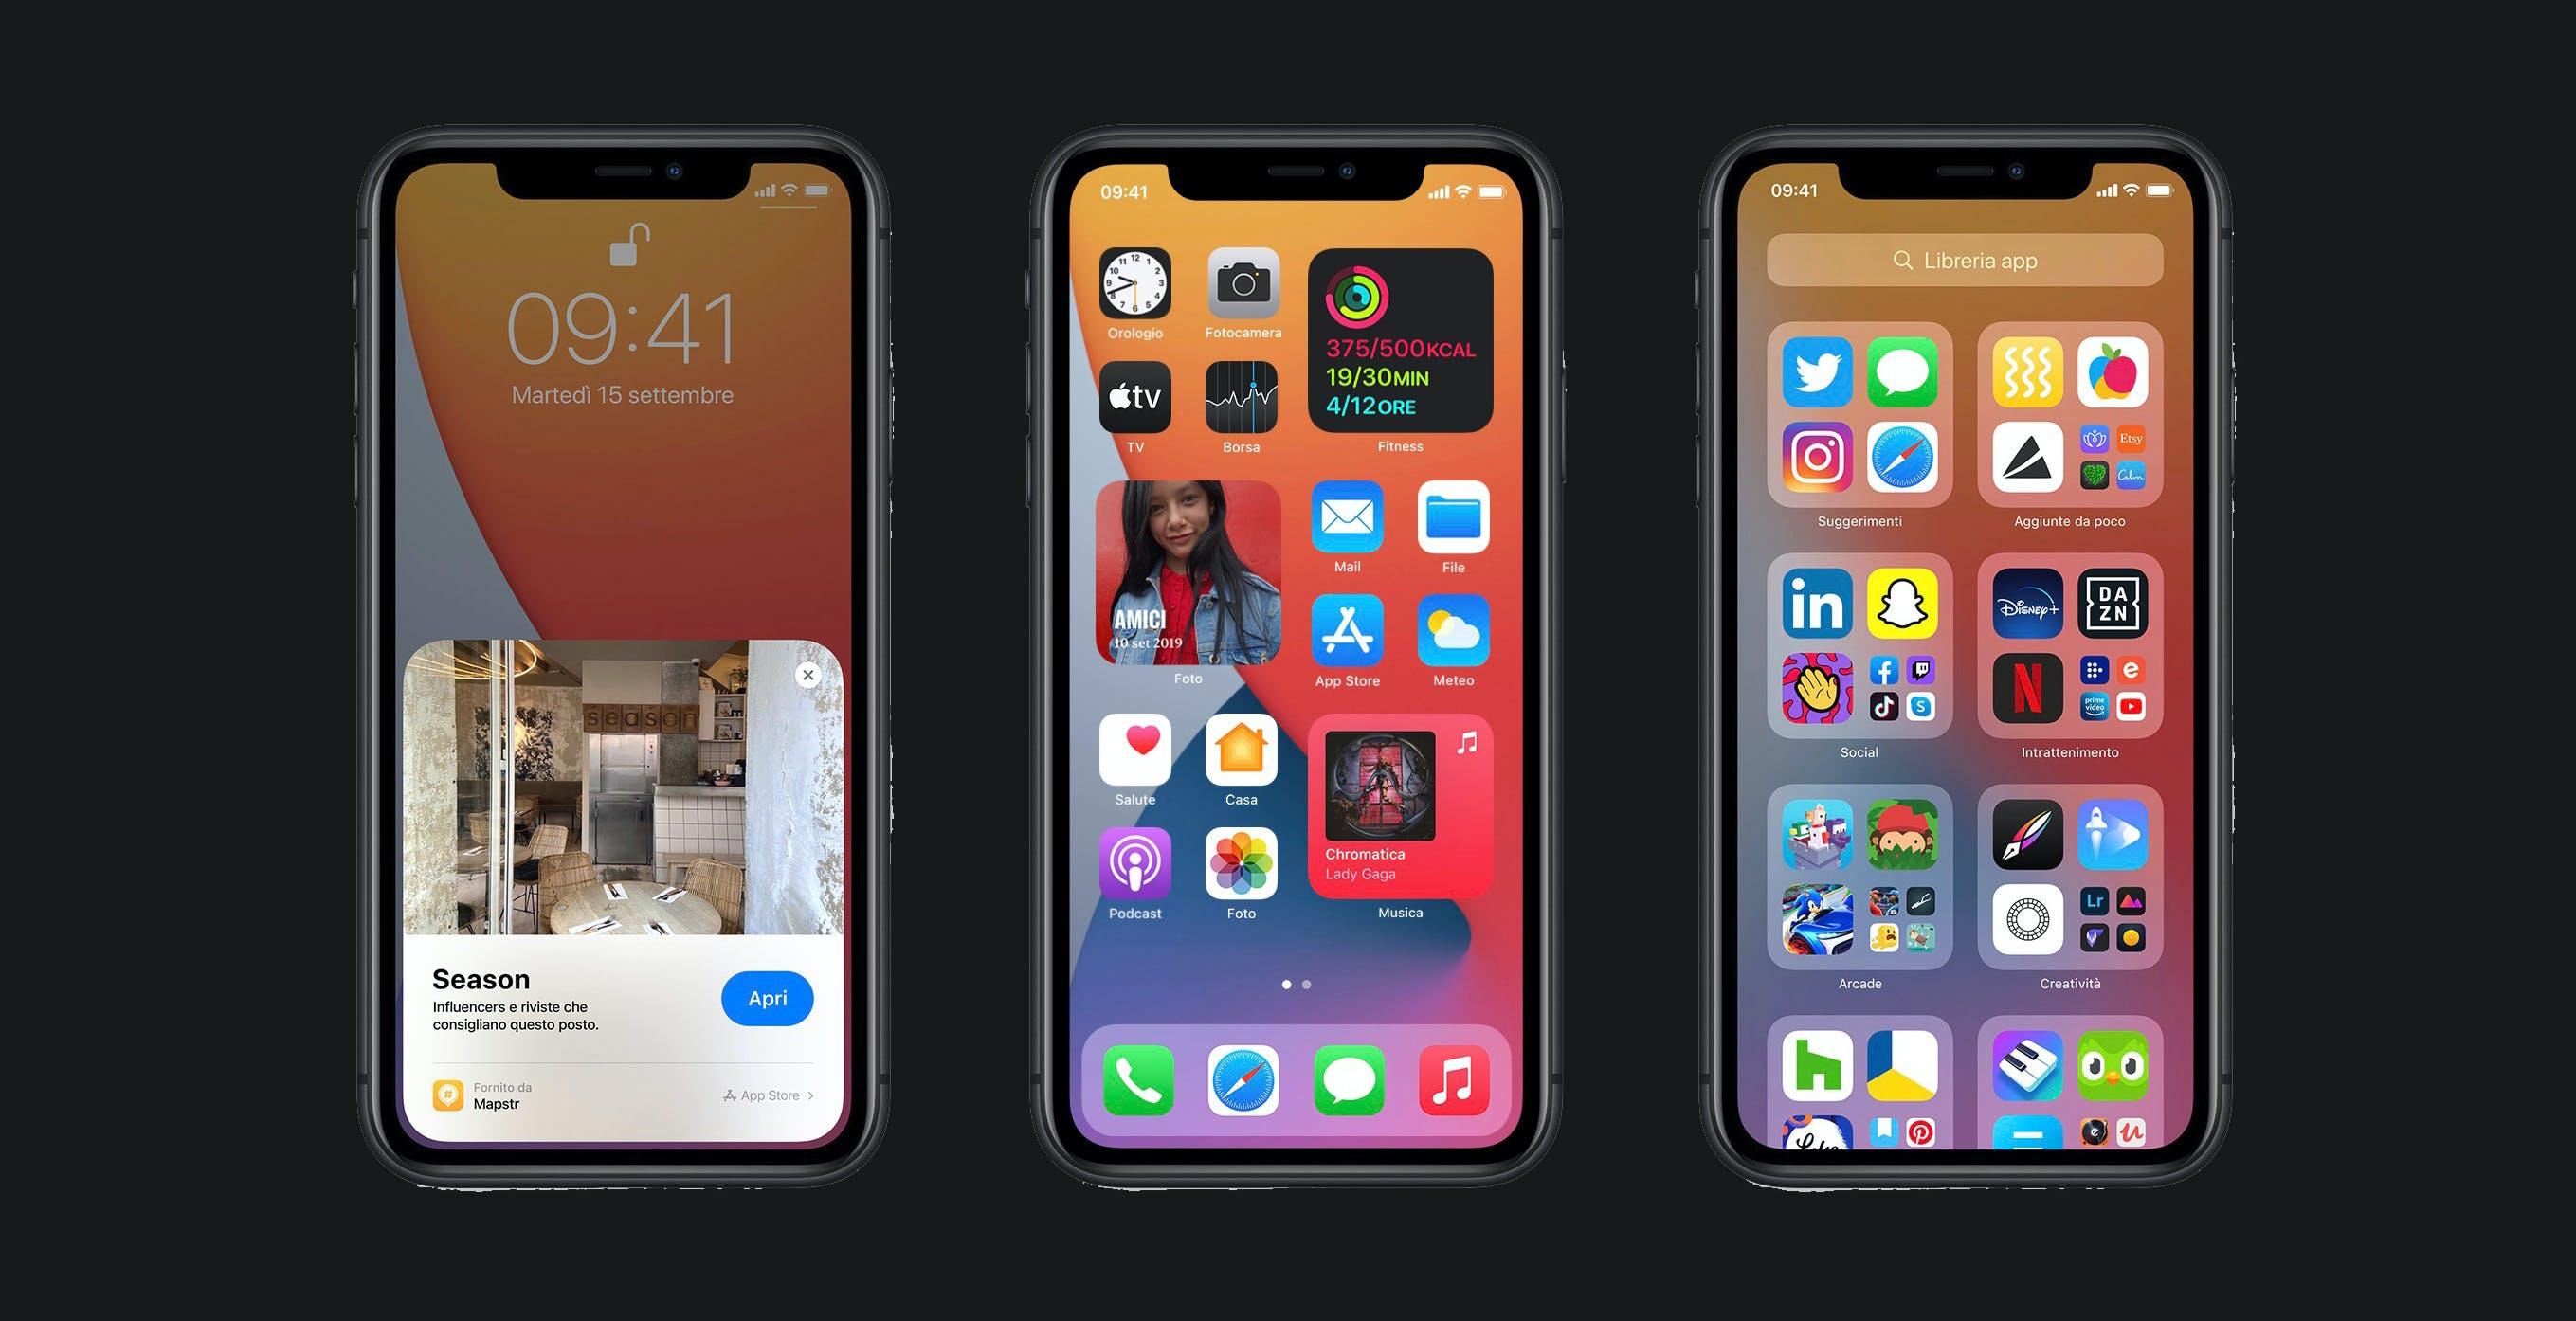 iOS 14, come utilizzarlo al meglio. 20 trucchi e novità che probabilmente non conosci